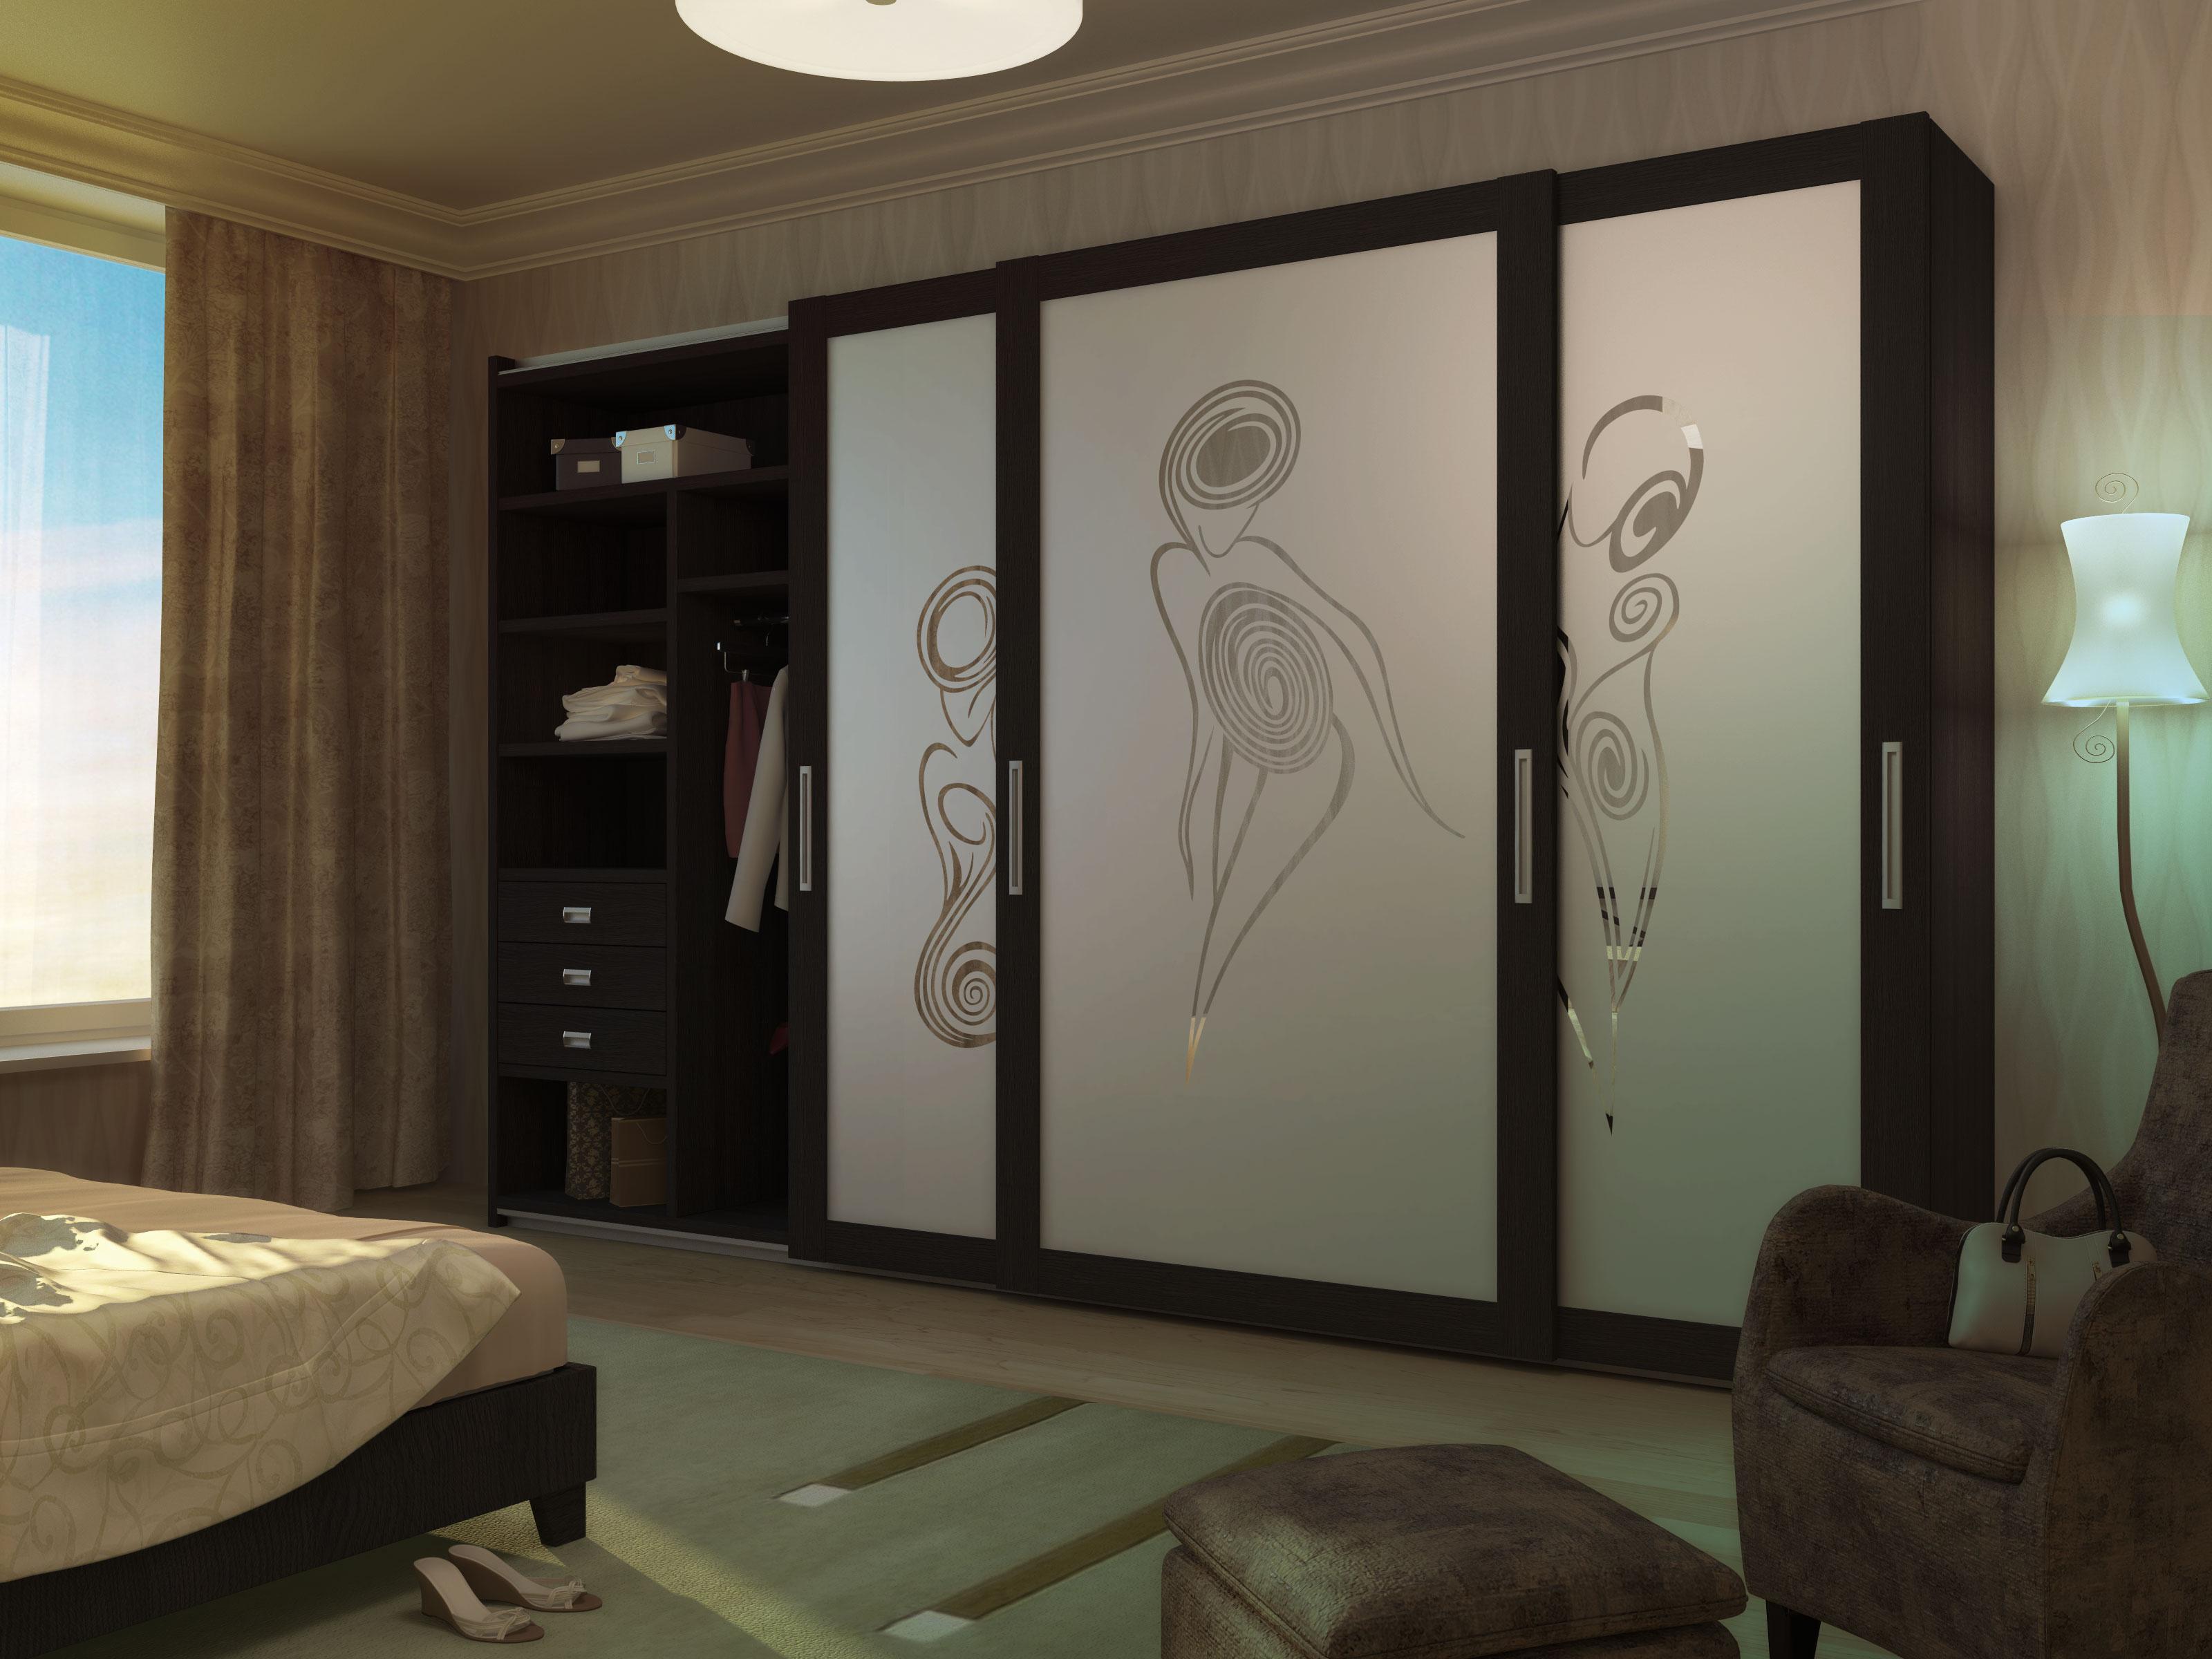 Трехдверные шкафы-купе с рисунками в спальне